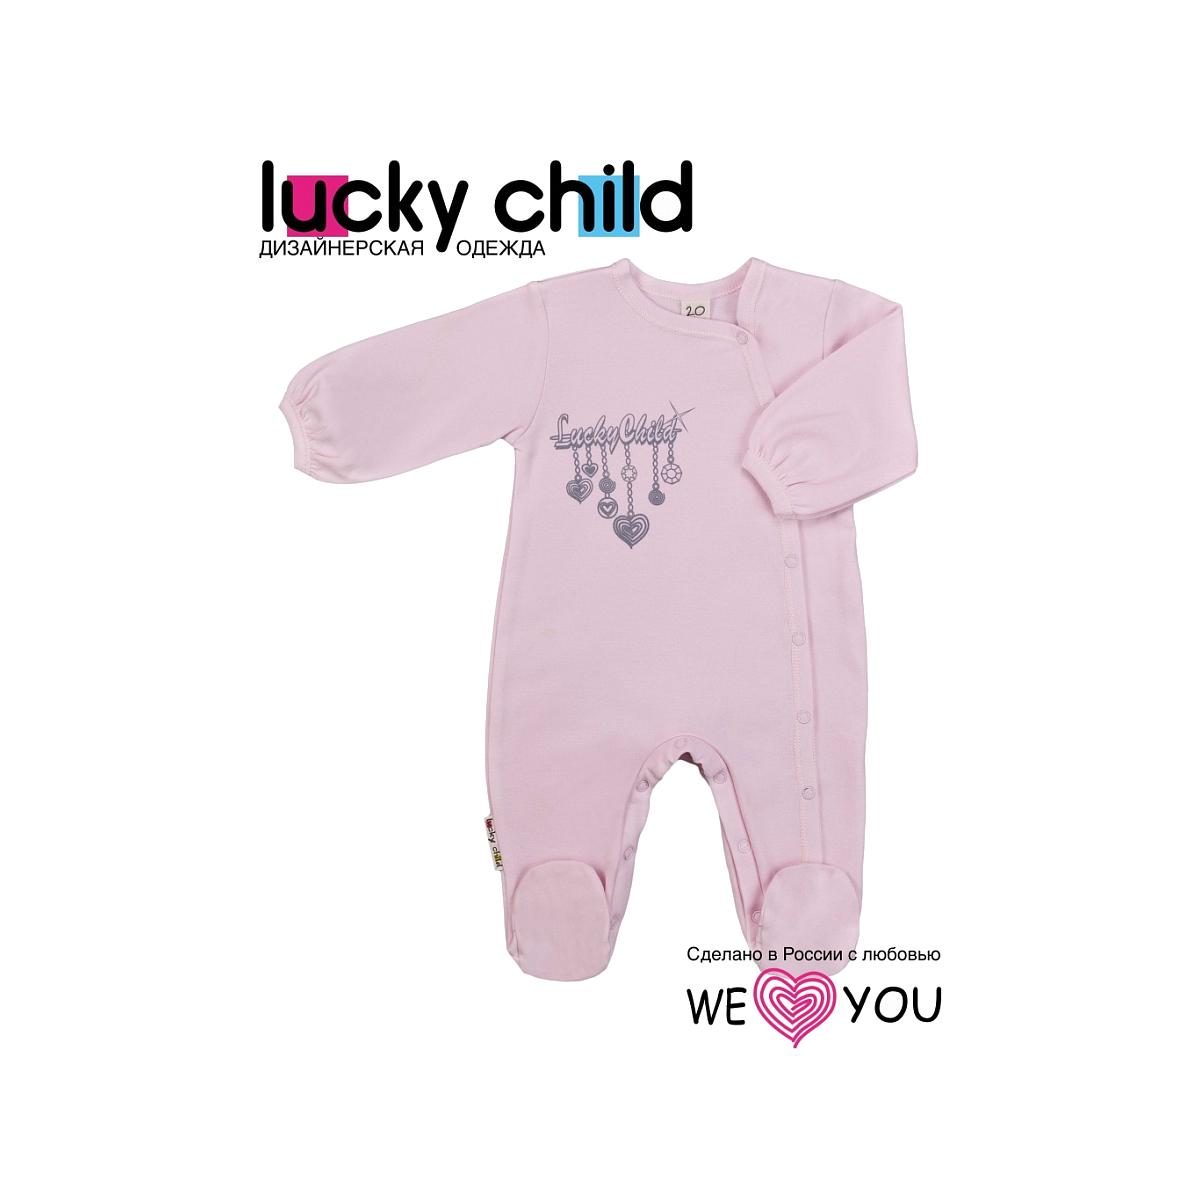 Комбинезон Lucky Child коллекция Леди Брошь Размер 80<br>